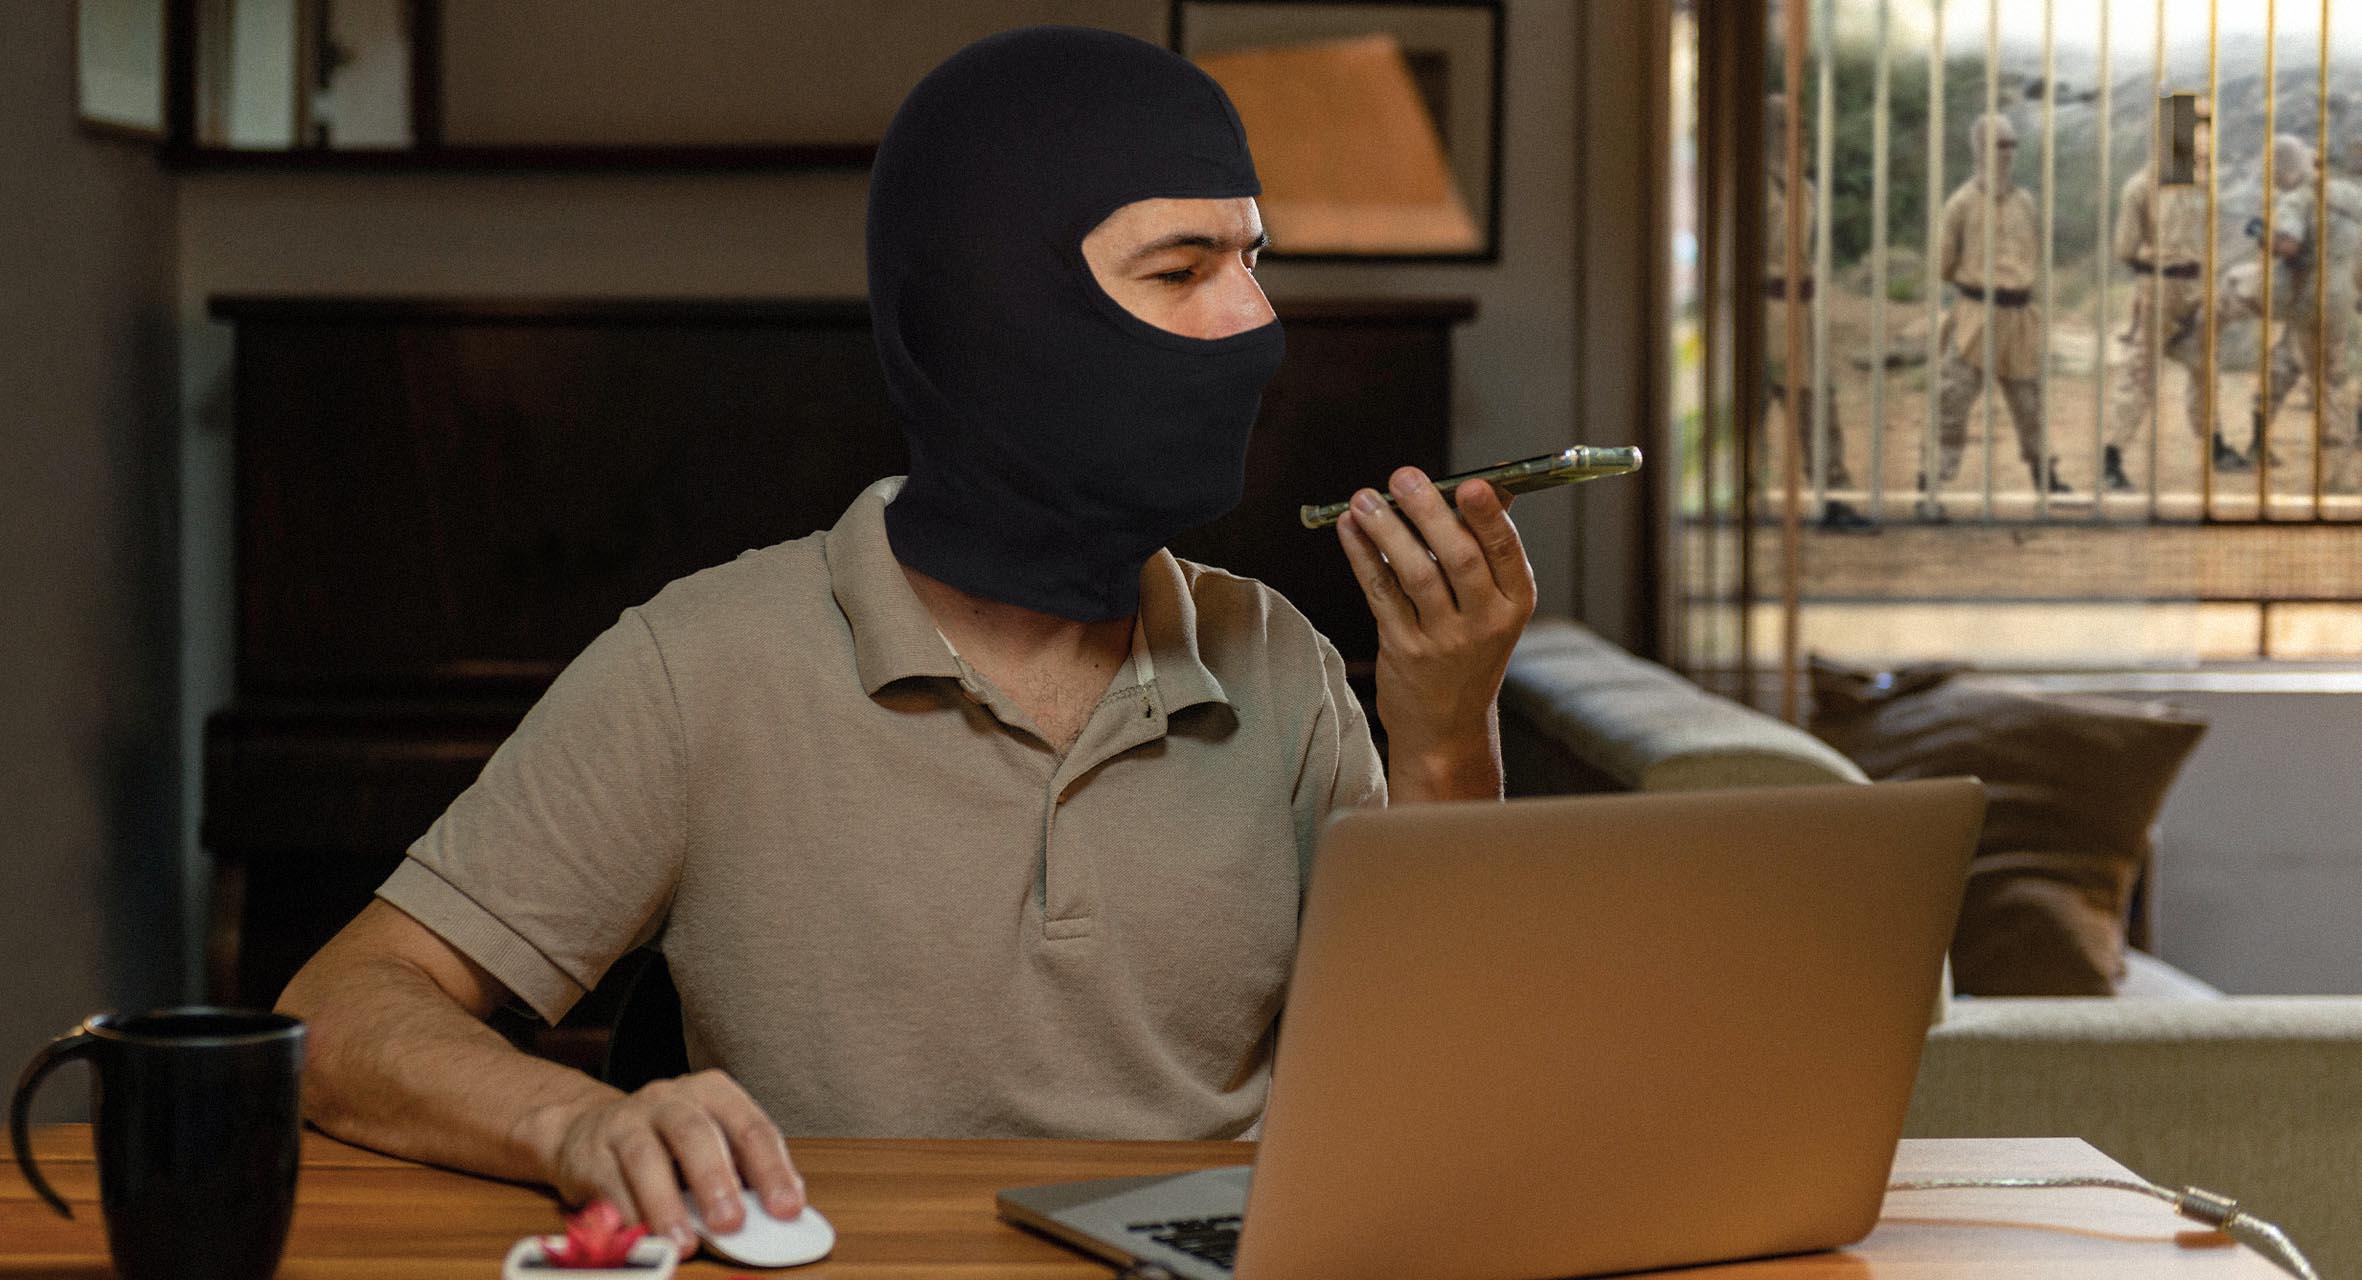 صورة فريلانسر يؤسس جماعة إرهابية ليسهل على نفسه استلام الأموال من الخارج